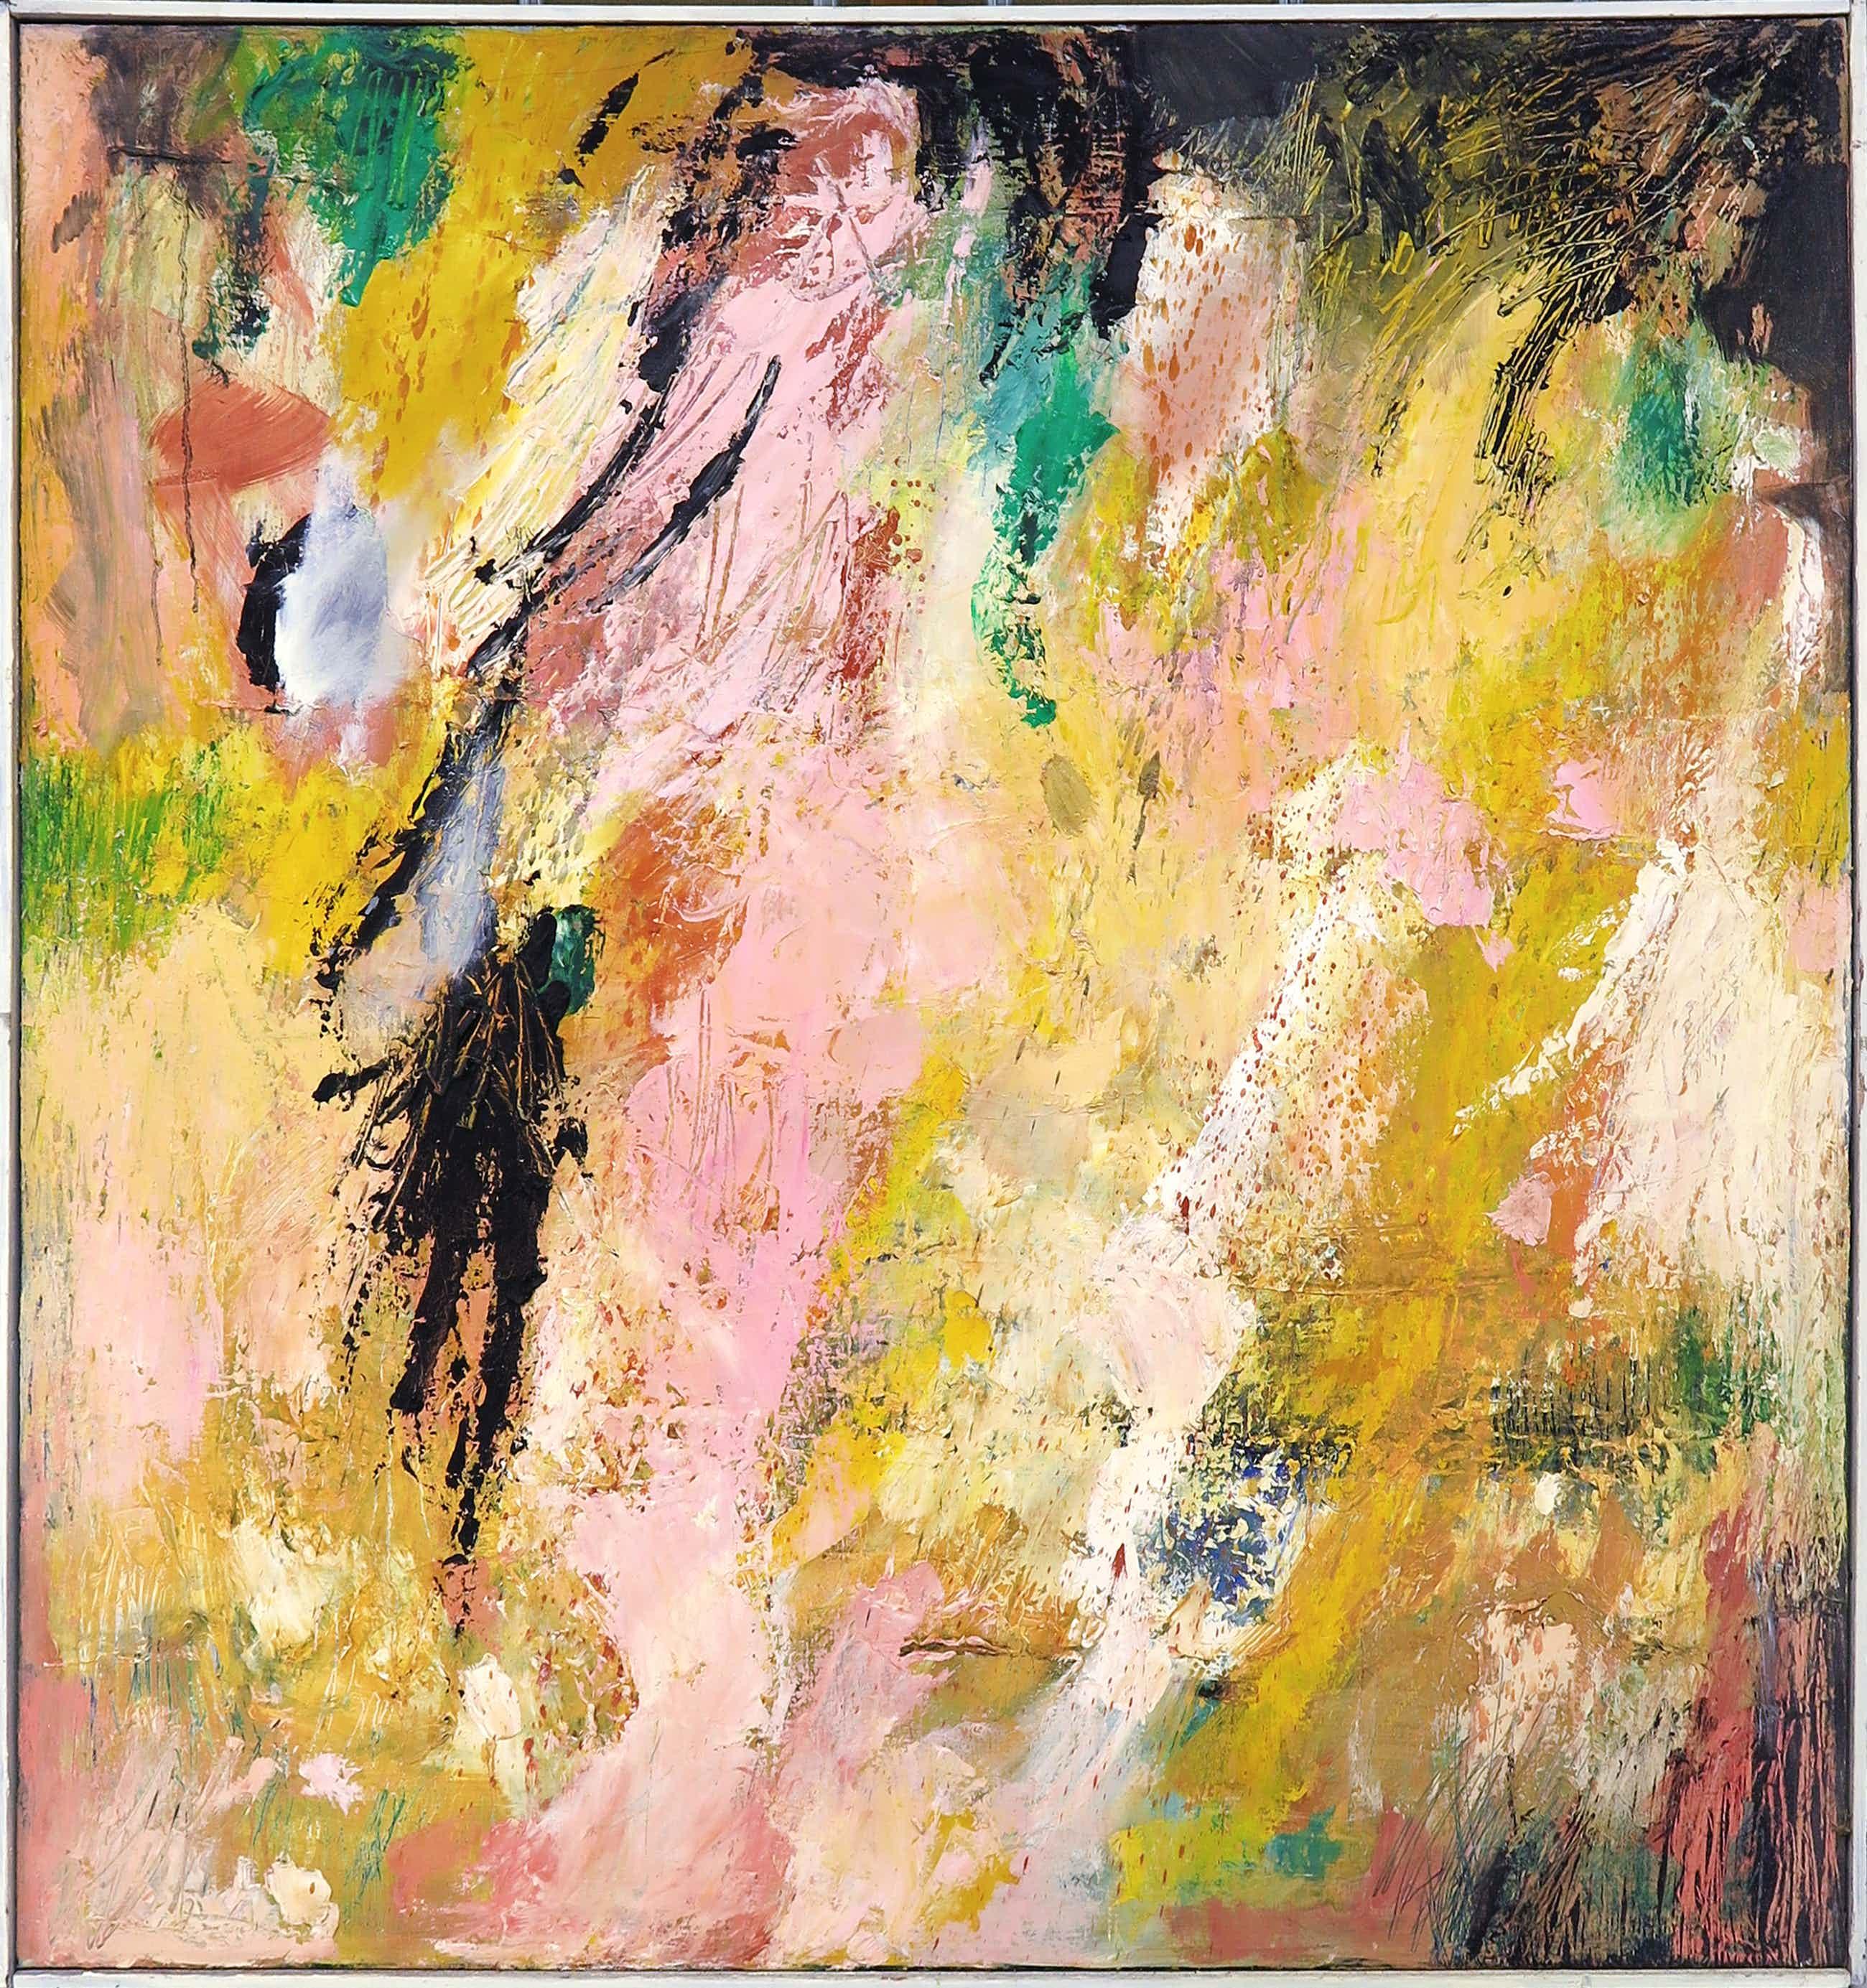 Frans Nicolai - Olieverf op doek, Abstracte compositie - Ingelijst (Groot) kopen? Bied vanaf 336!